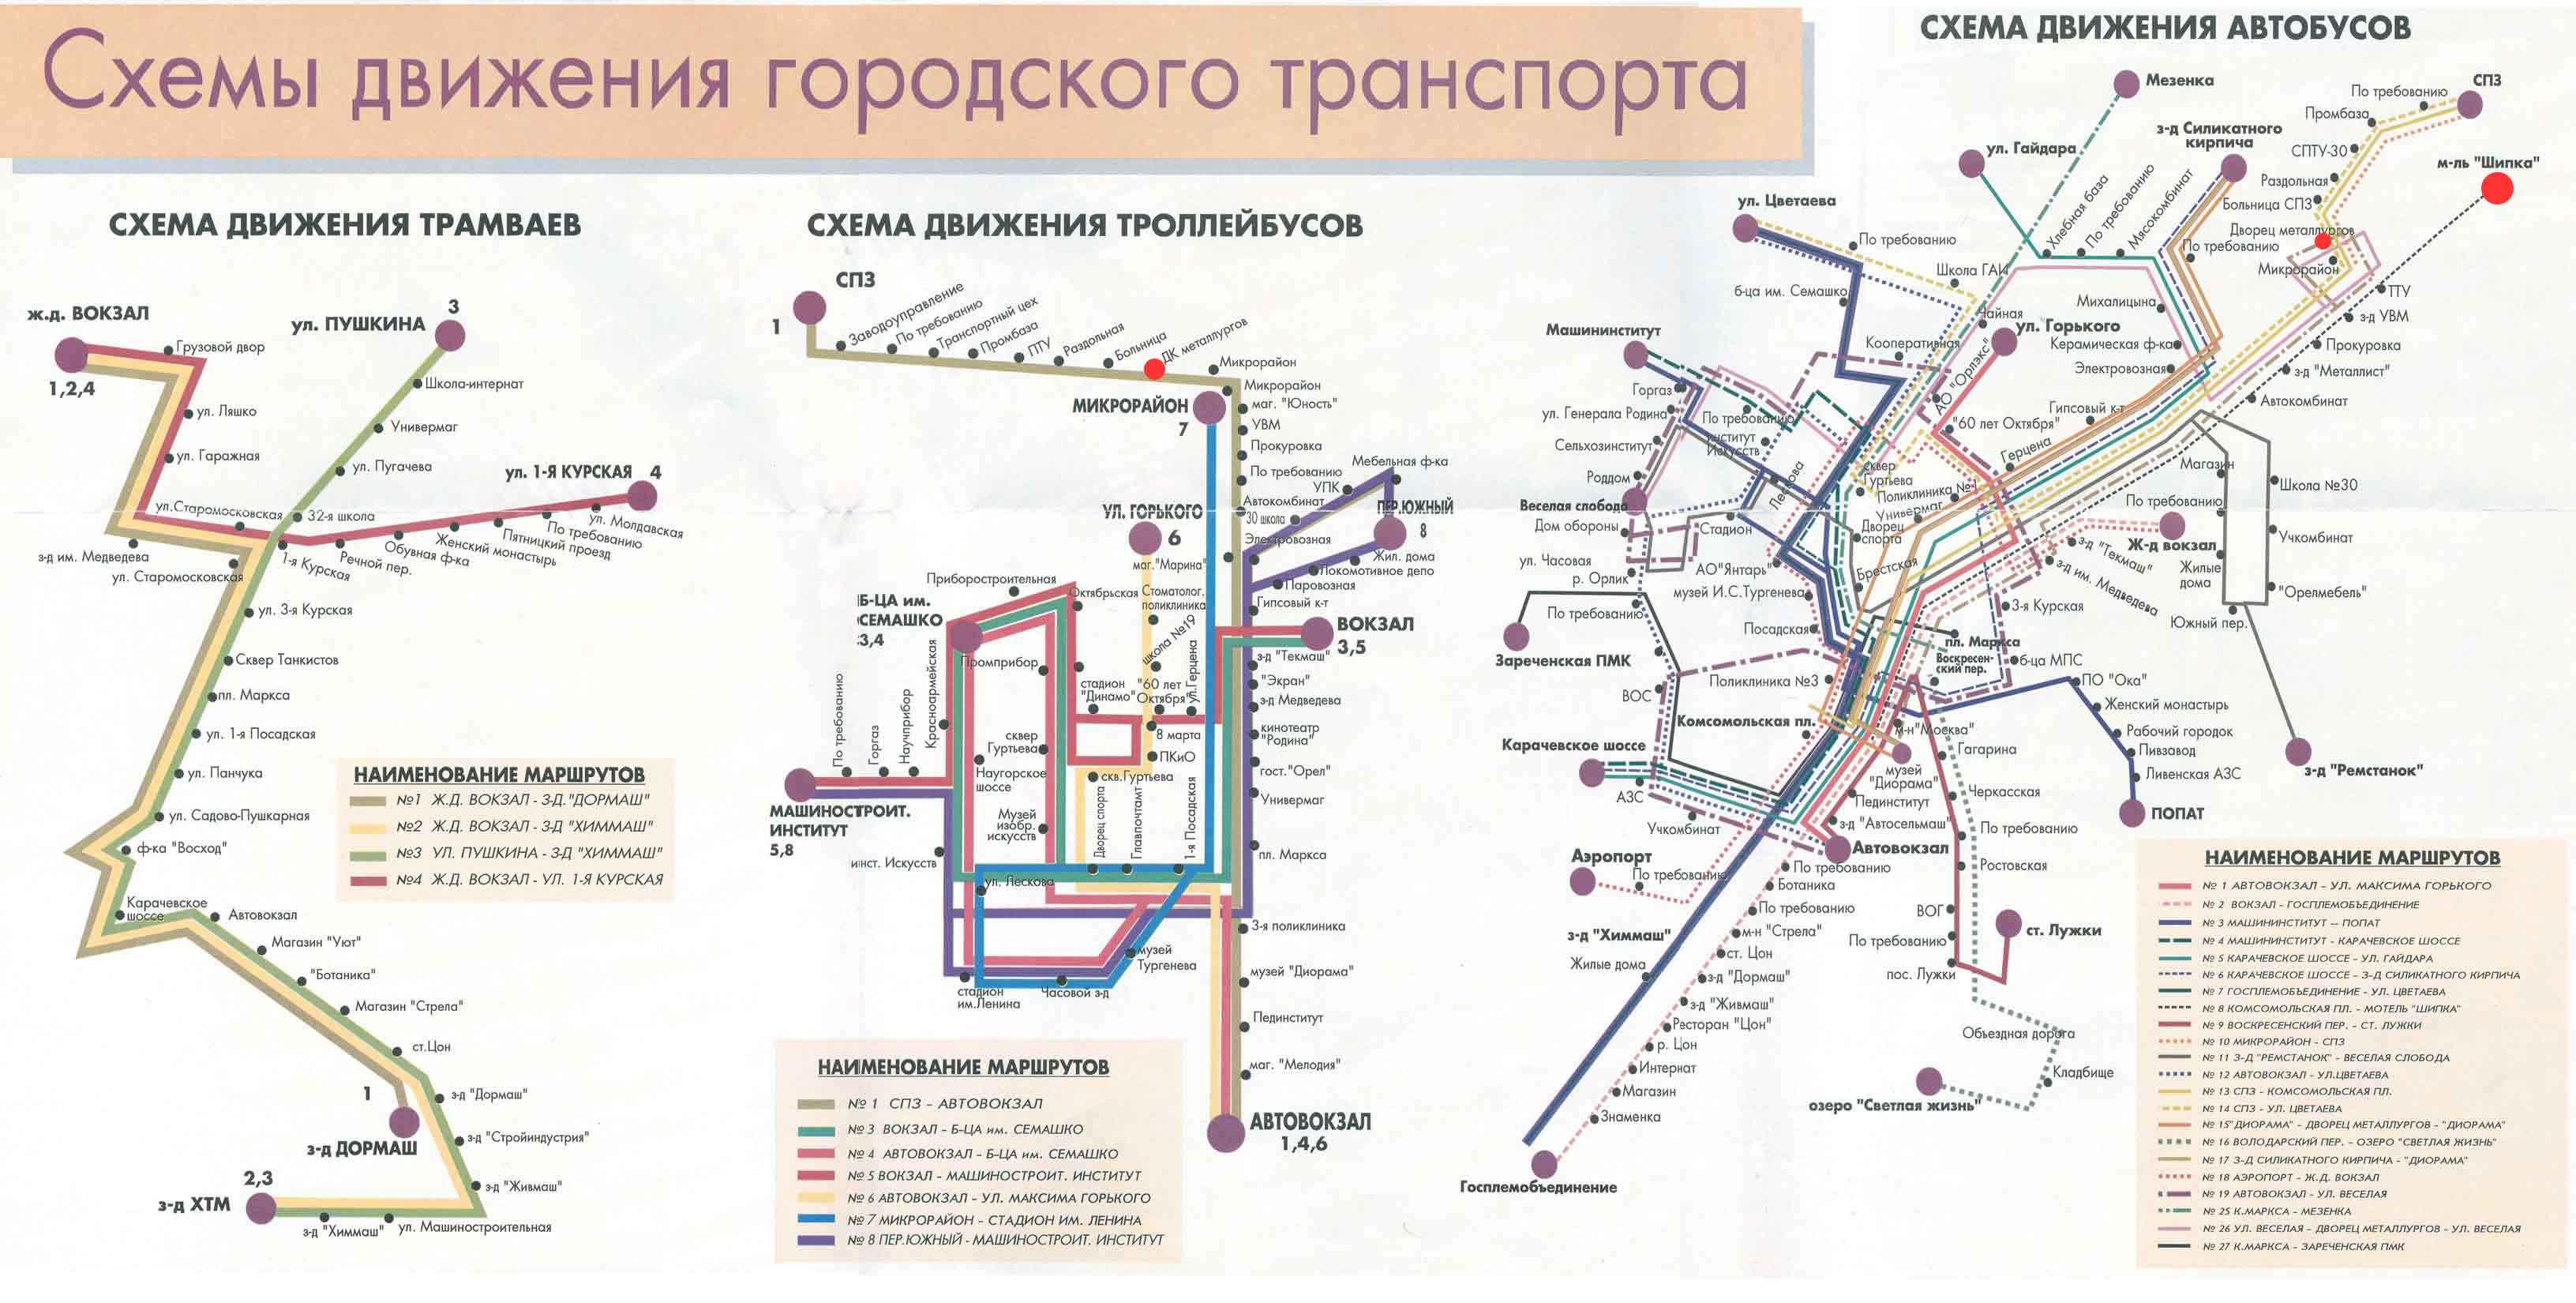 Схема маршрутов в орле фото 777